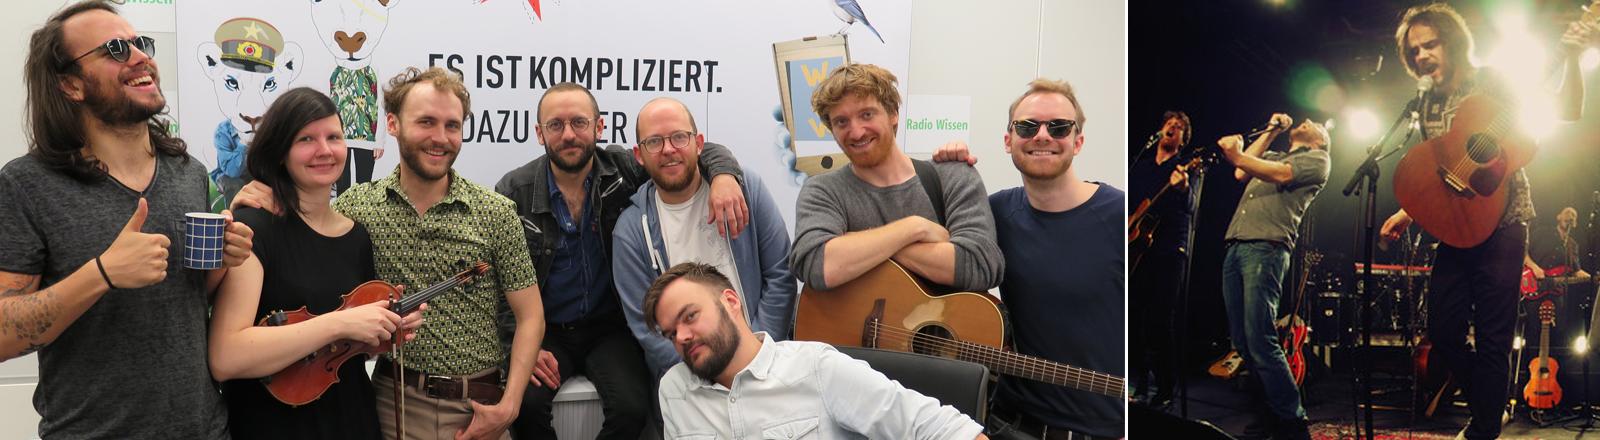 Die Musiker von Tour of Tours bei DRadio Wissen.